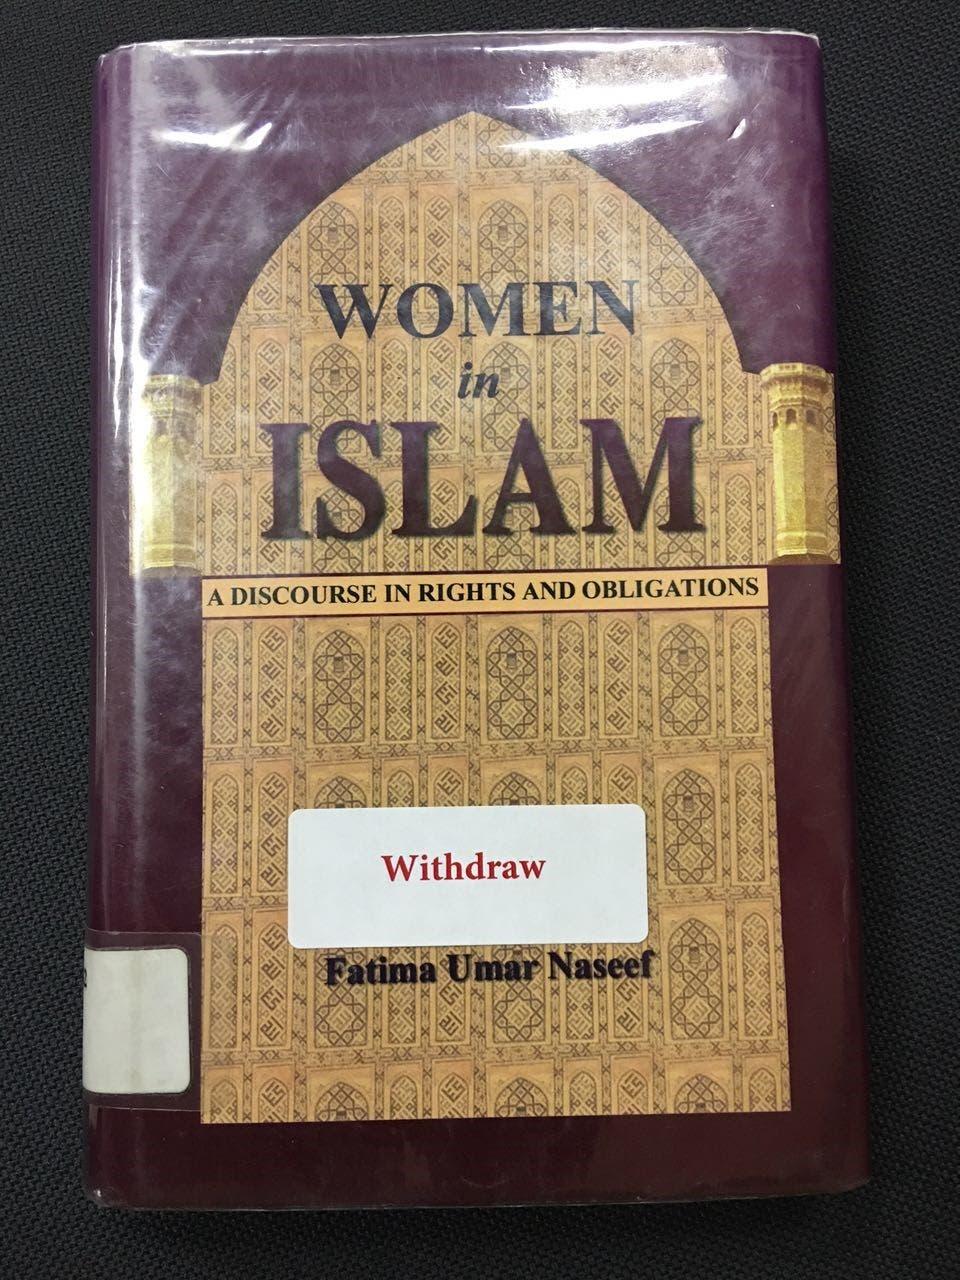 المرأة والإسلام من الكتب التي أشرفت عليها أم هوما عابدين